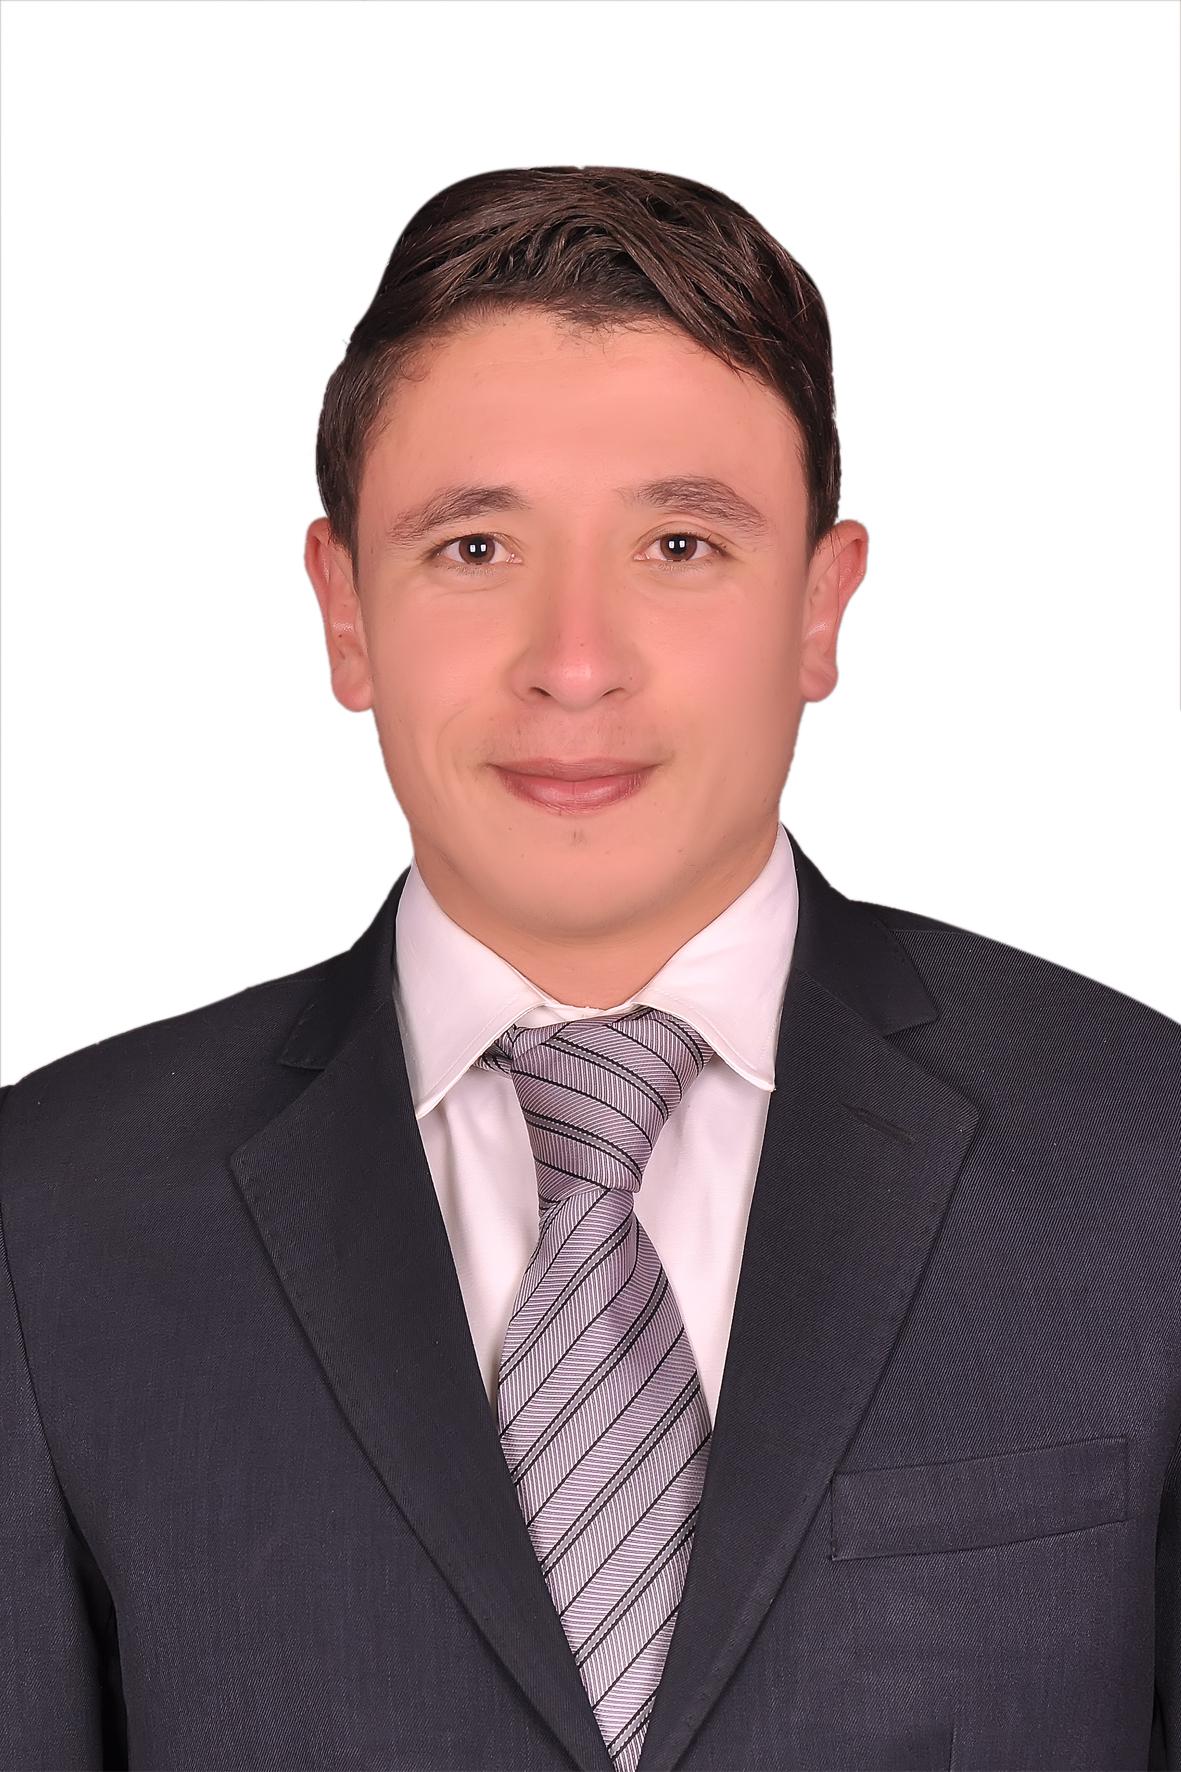 Mohamed Mohamed Abduallh Elsheikh